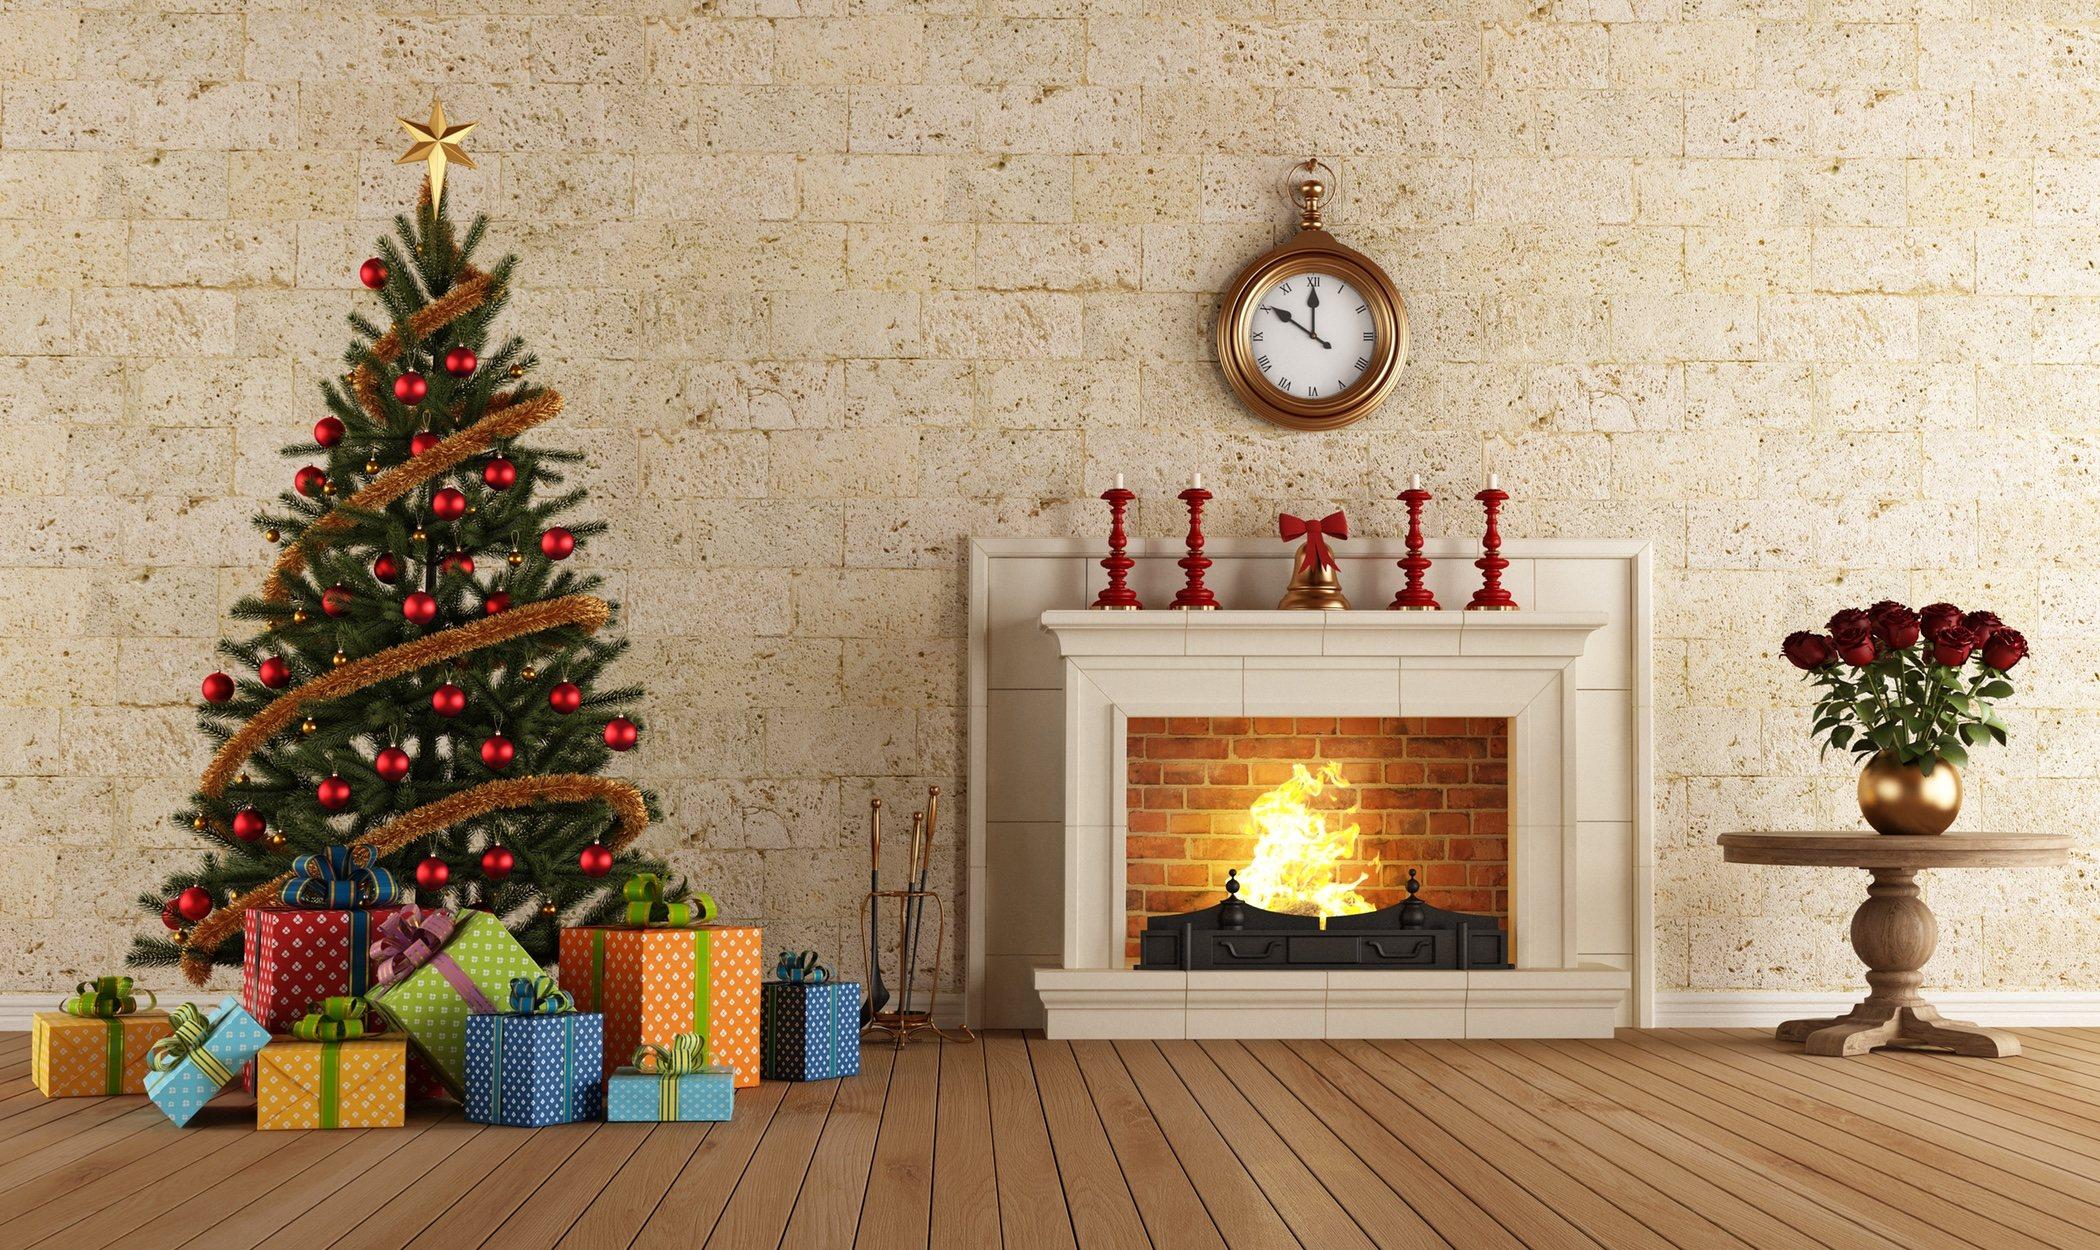 Cómo decorar nuestra casa por Navidad según la filosofía del Fen Shui